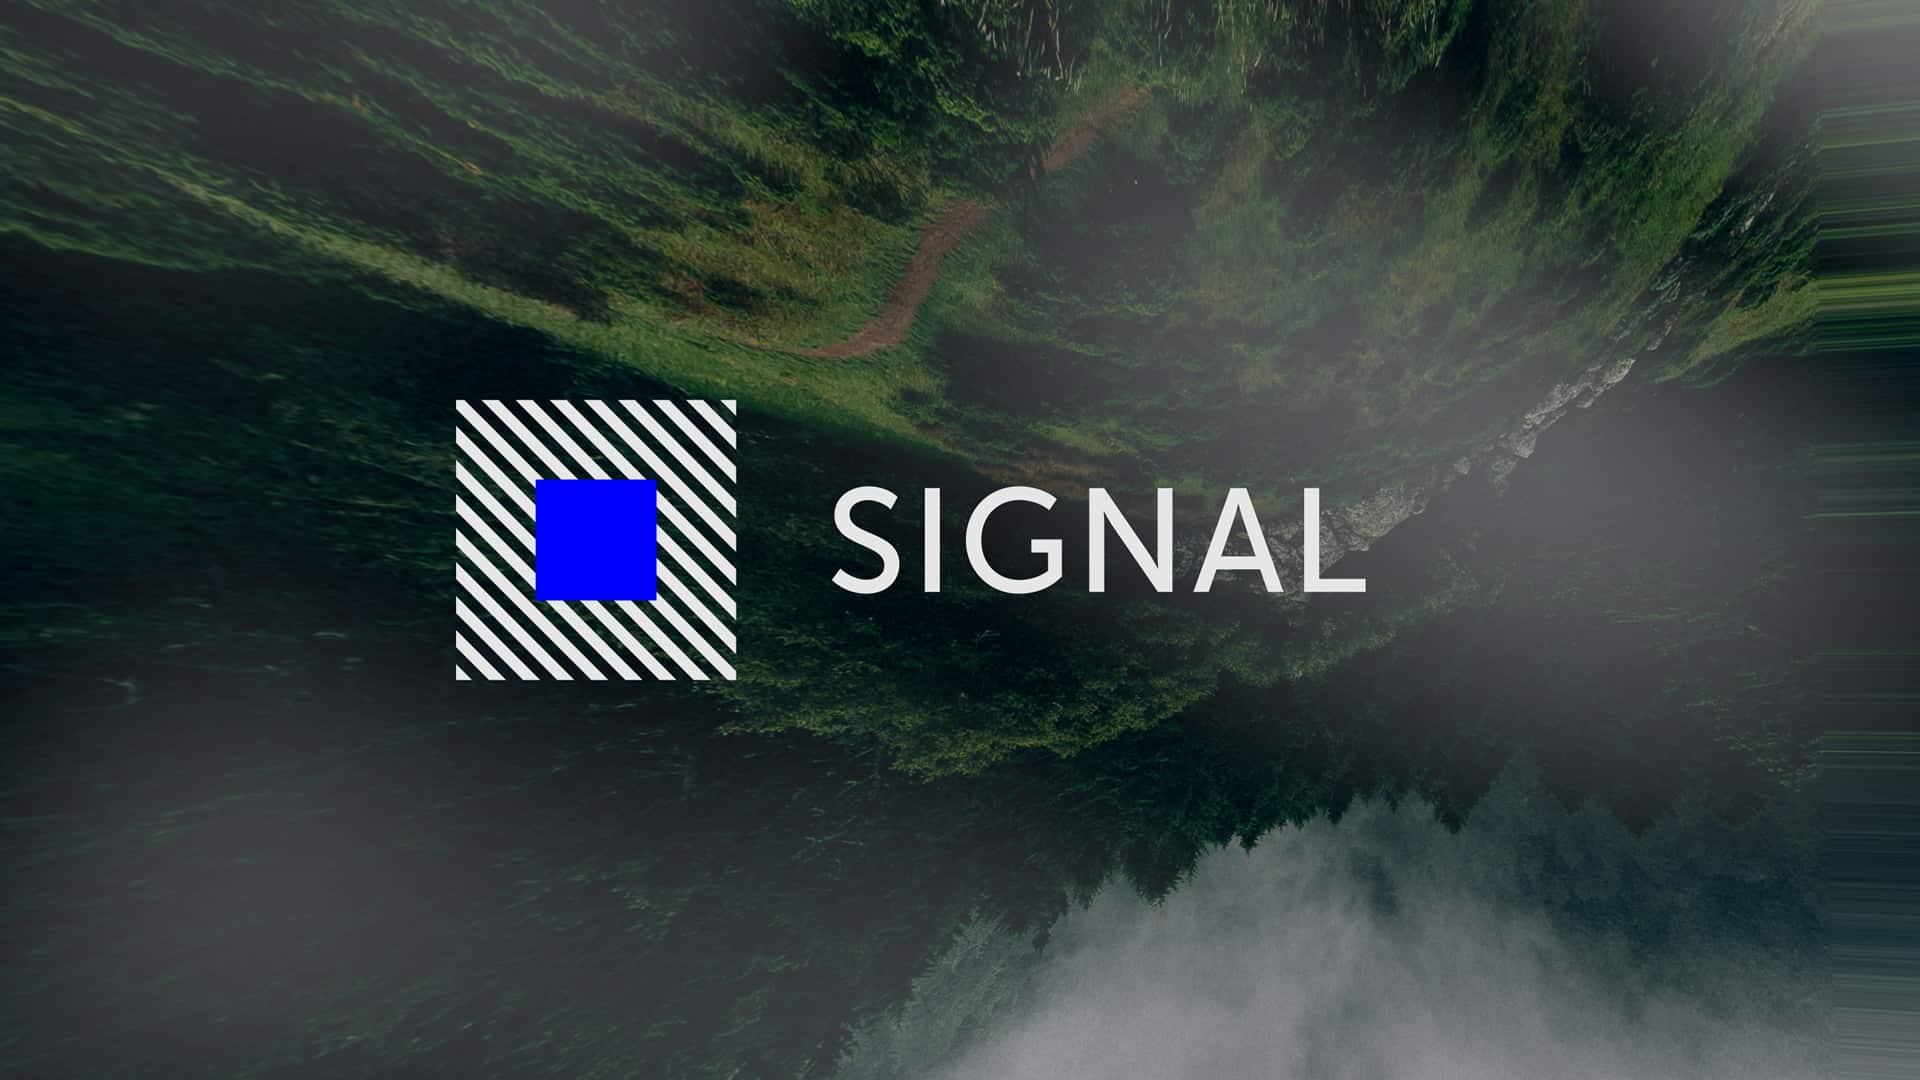 Фестиваль музыки иархитектурыSignal 2018 Фестиваль музыки иархитектурыsignal 16-19 августа в Никола-Ленивце пройдет фестиваль музыки и архитектуры Signal Signal image